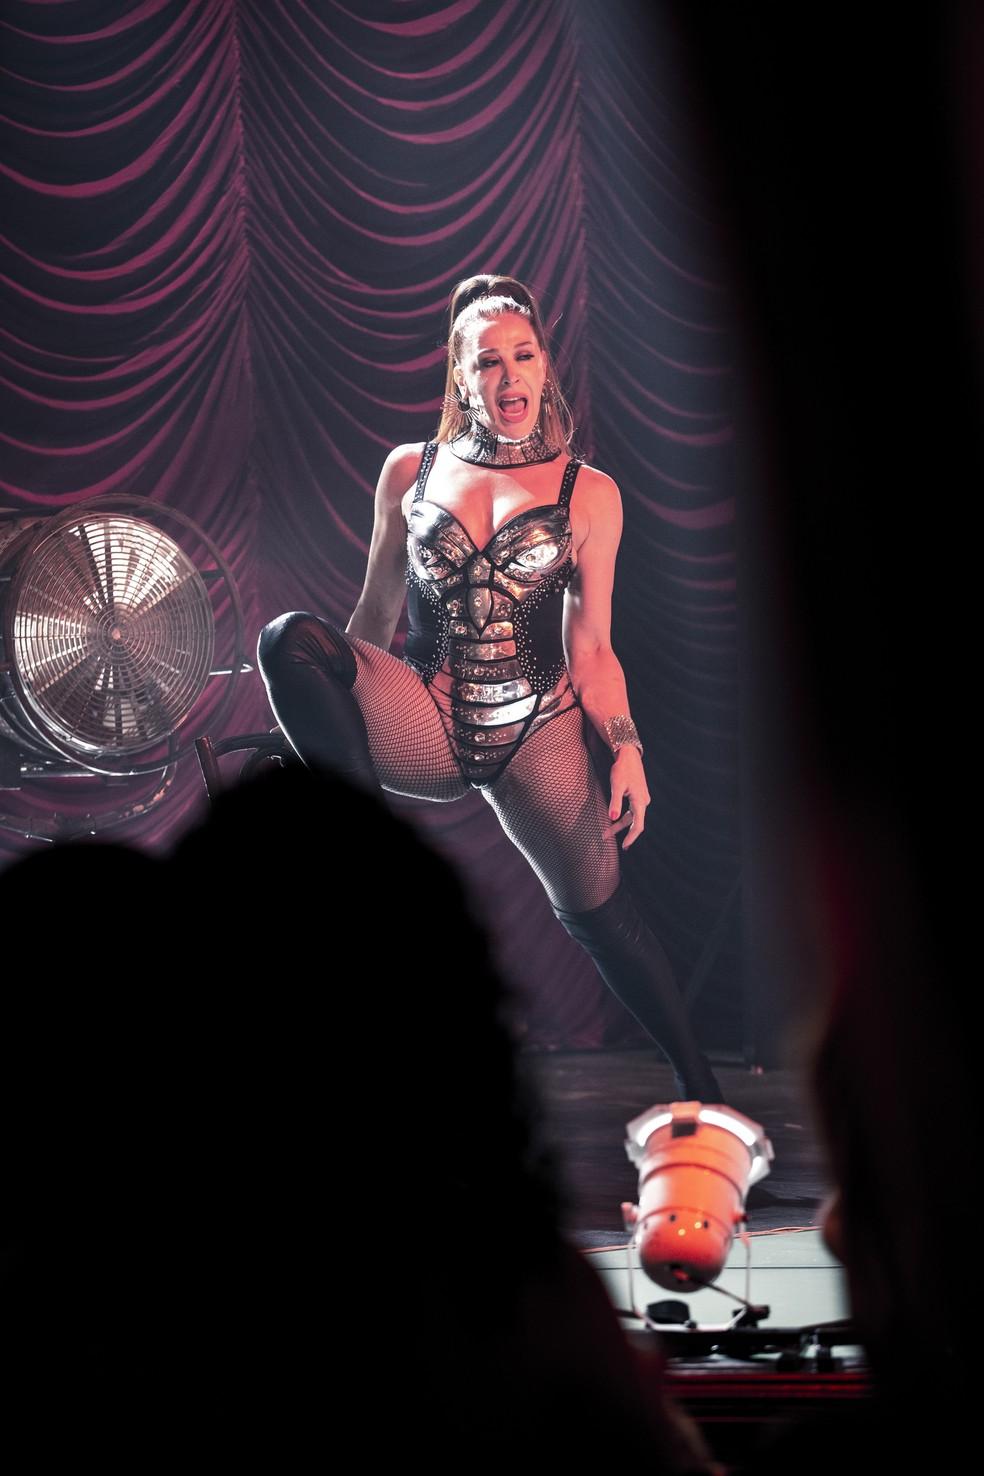 Lid Pantera (Claudia Raia) arrasa em show com look coladinho, em 'Verão 90' — Foto: Fabiano Battaglin/Gshow